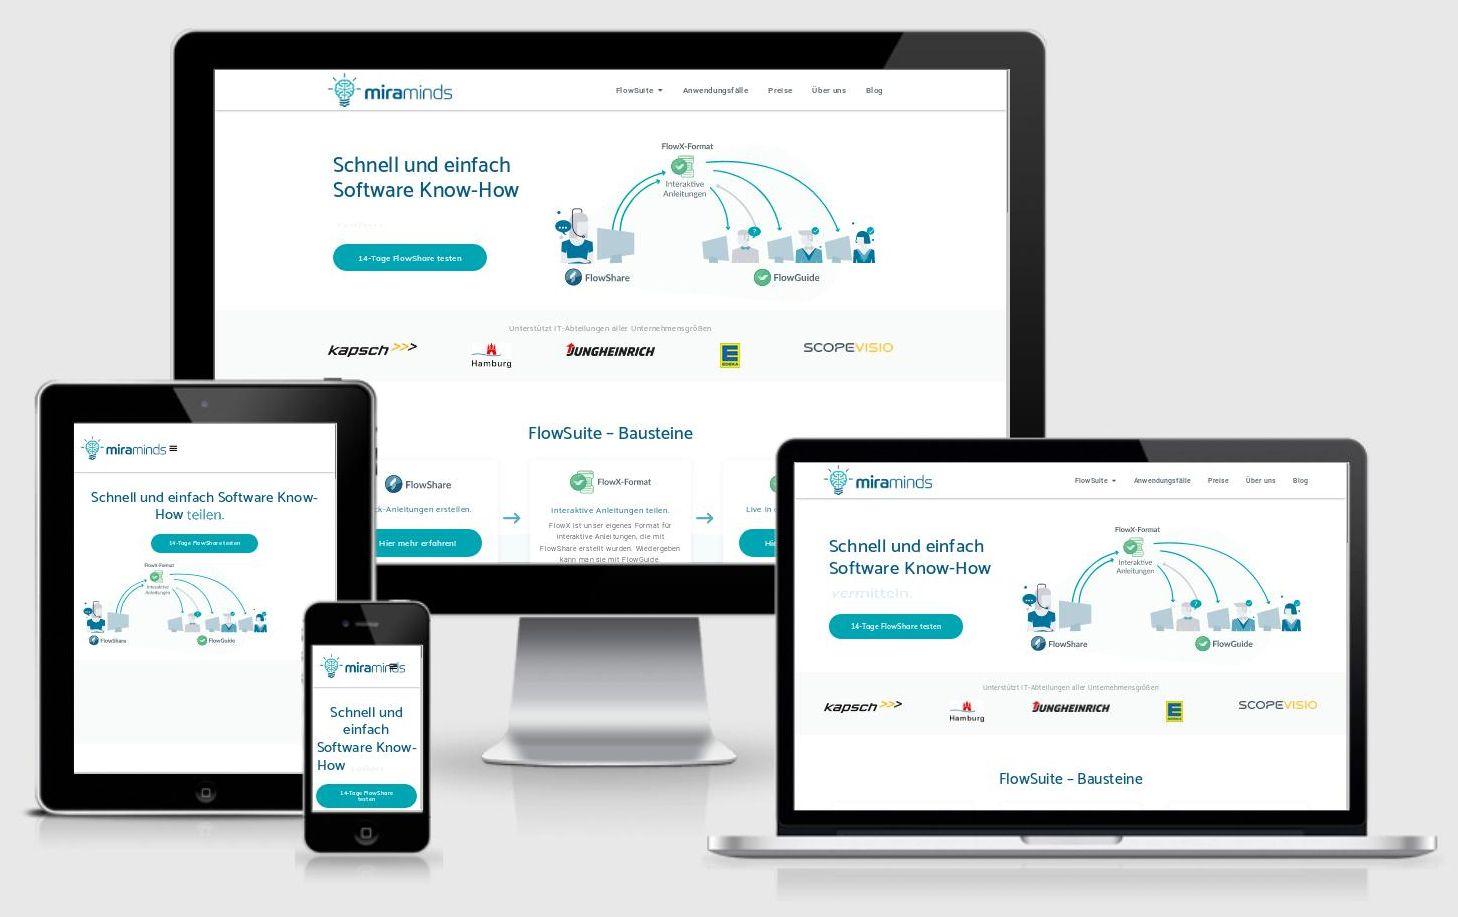 https://Miraminds.com Technische Website-Optimierung: Sicherheit, Ladezeit, etc.